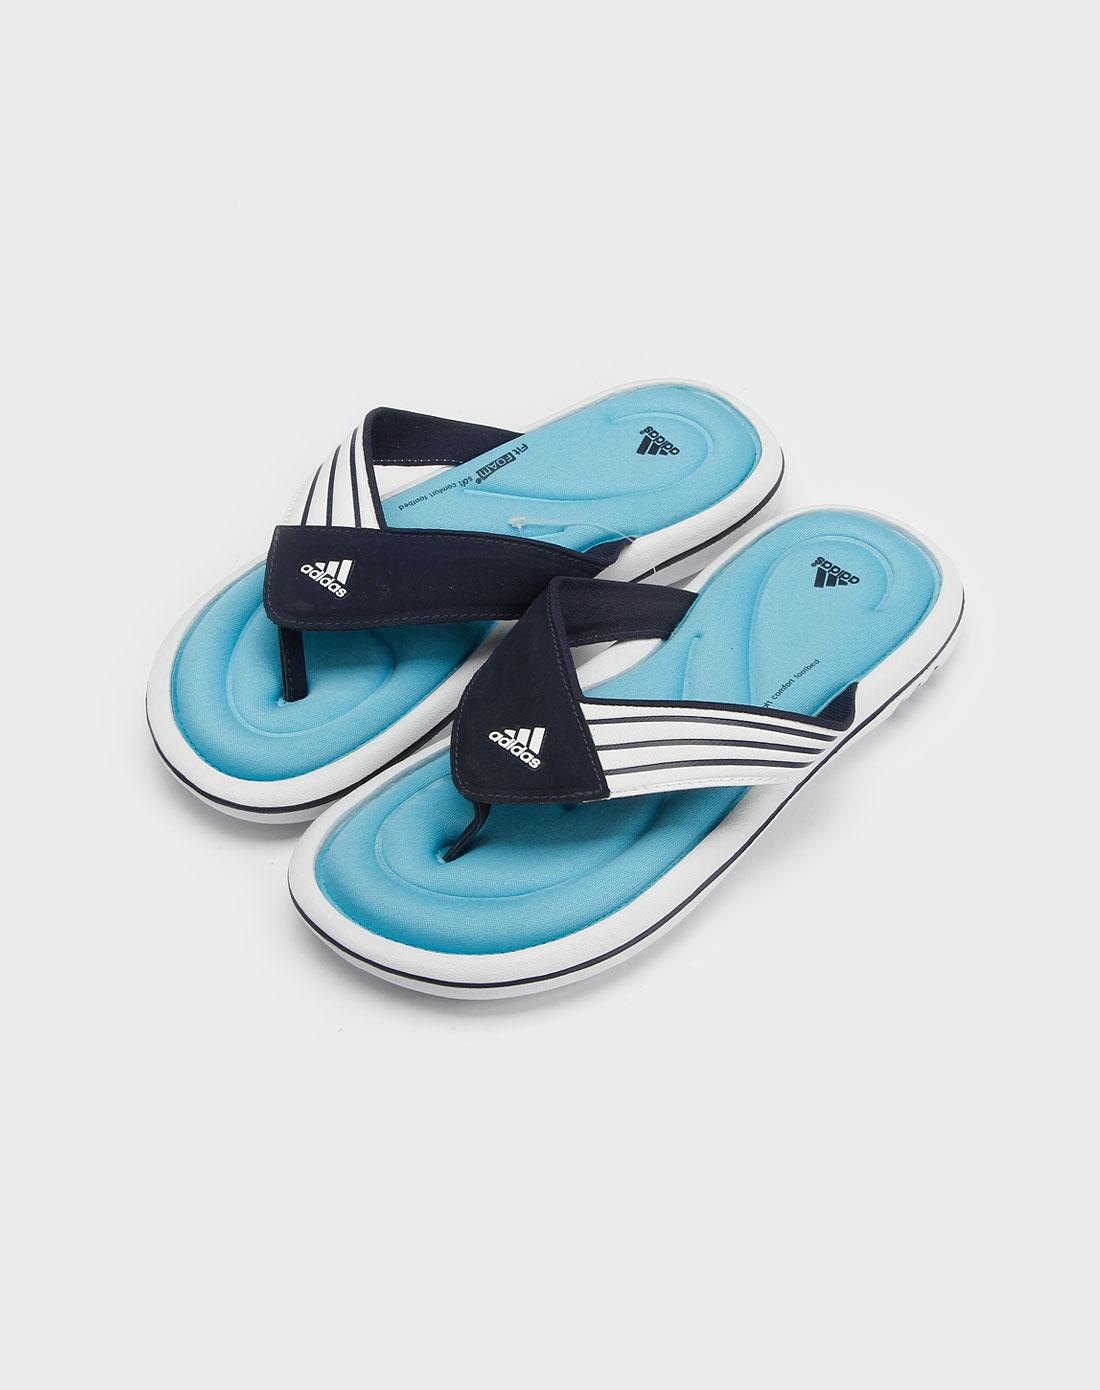 阿迪达斯adidas女款浅蓝色沙滩人字拖鞋901989